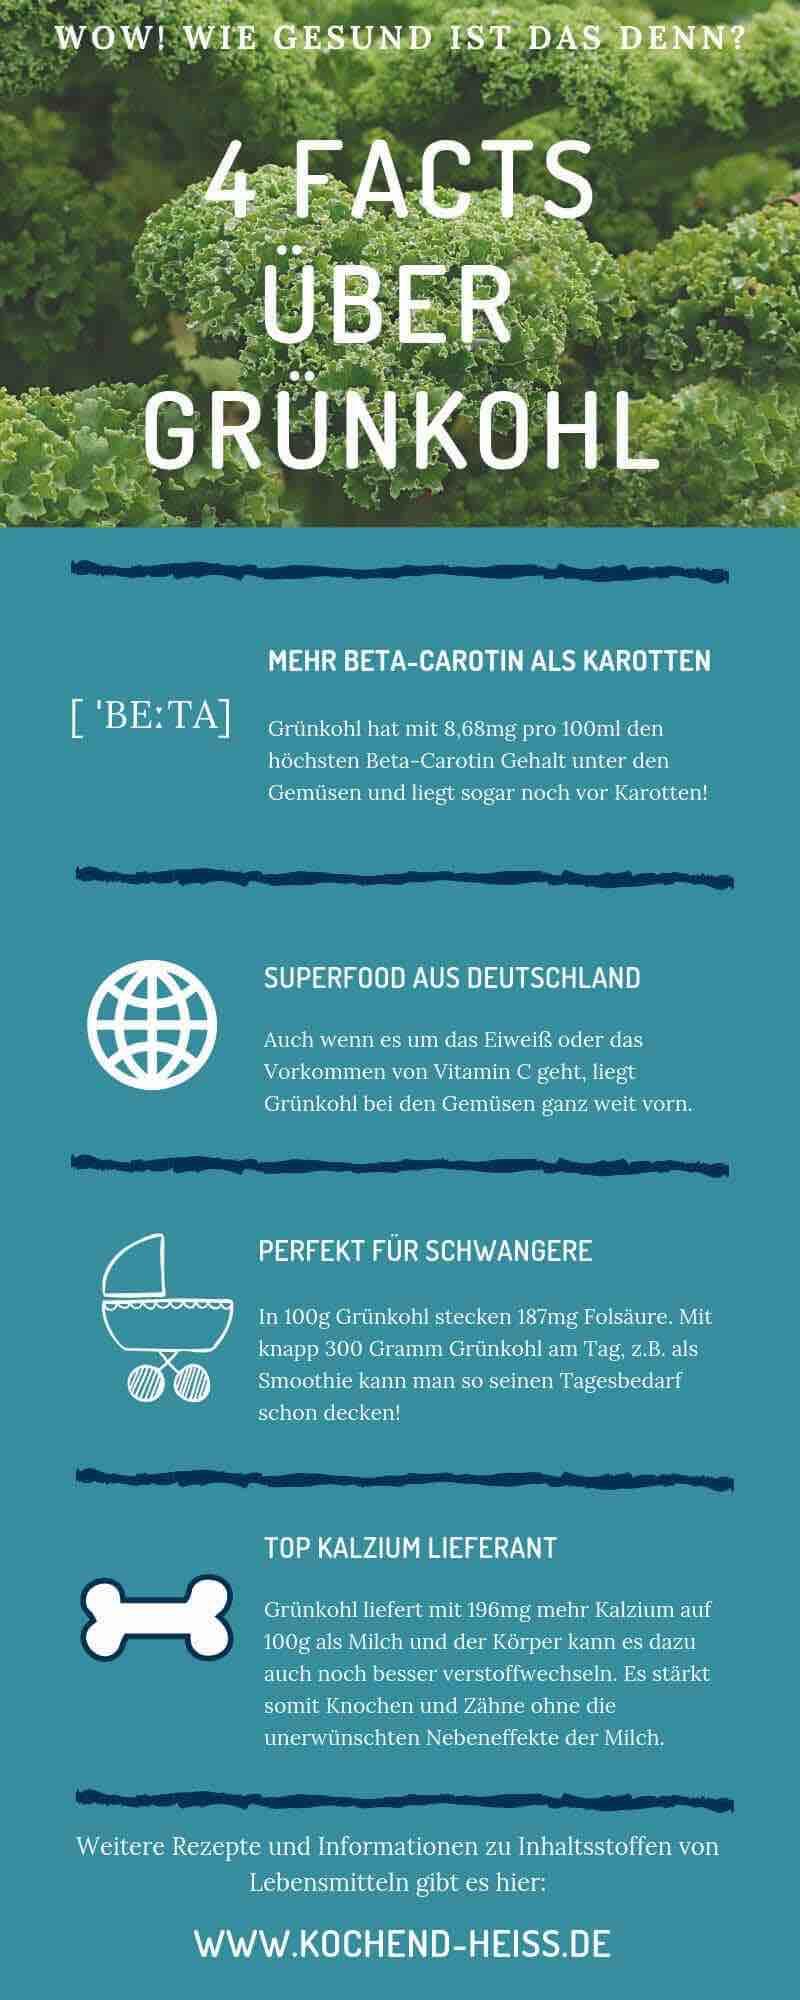 Facts über Grünkohl